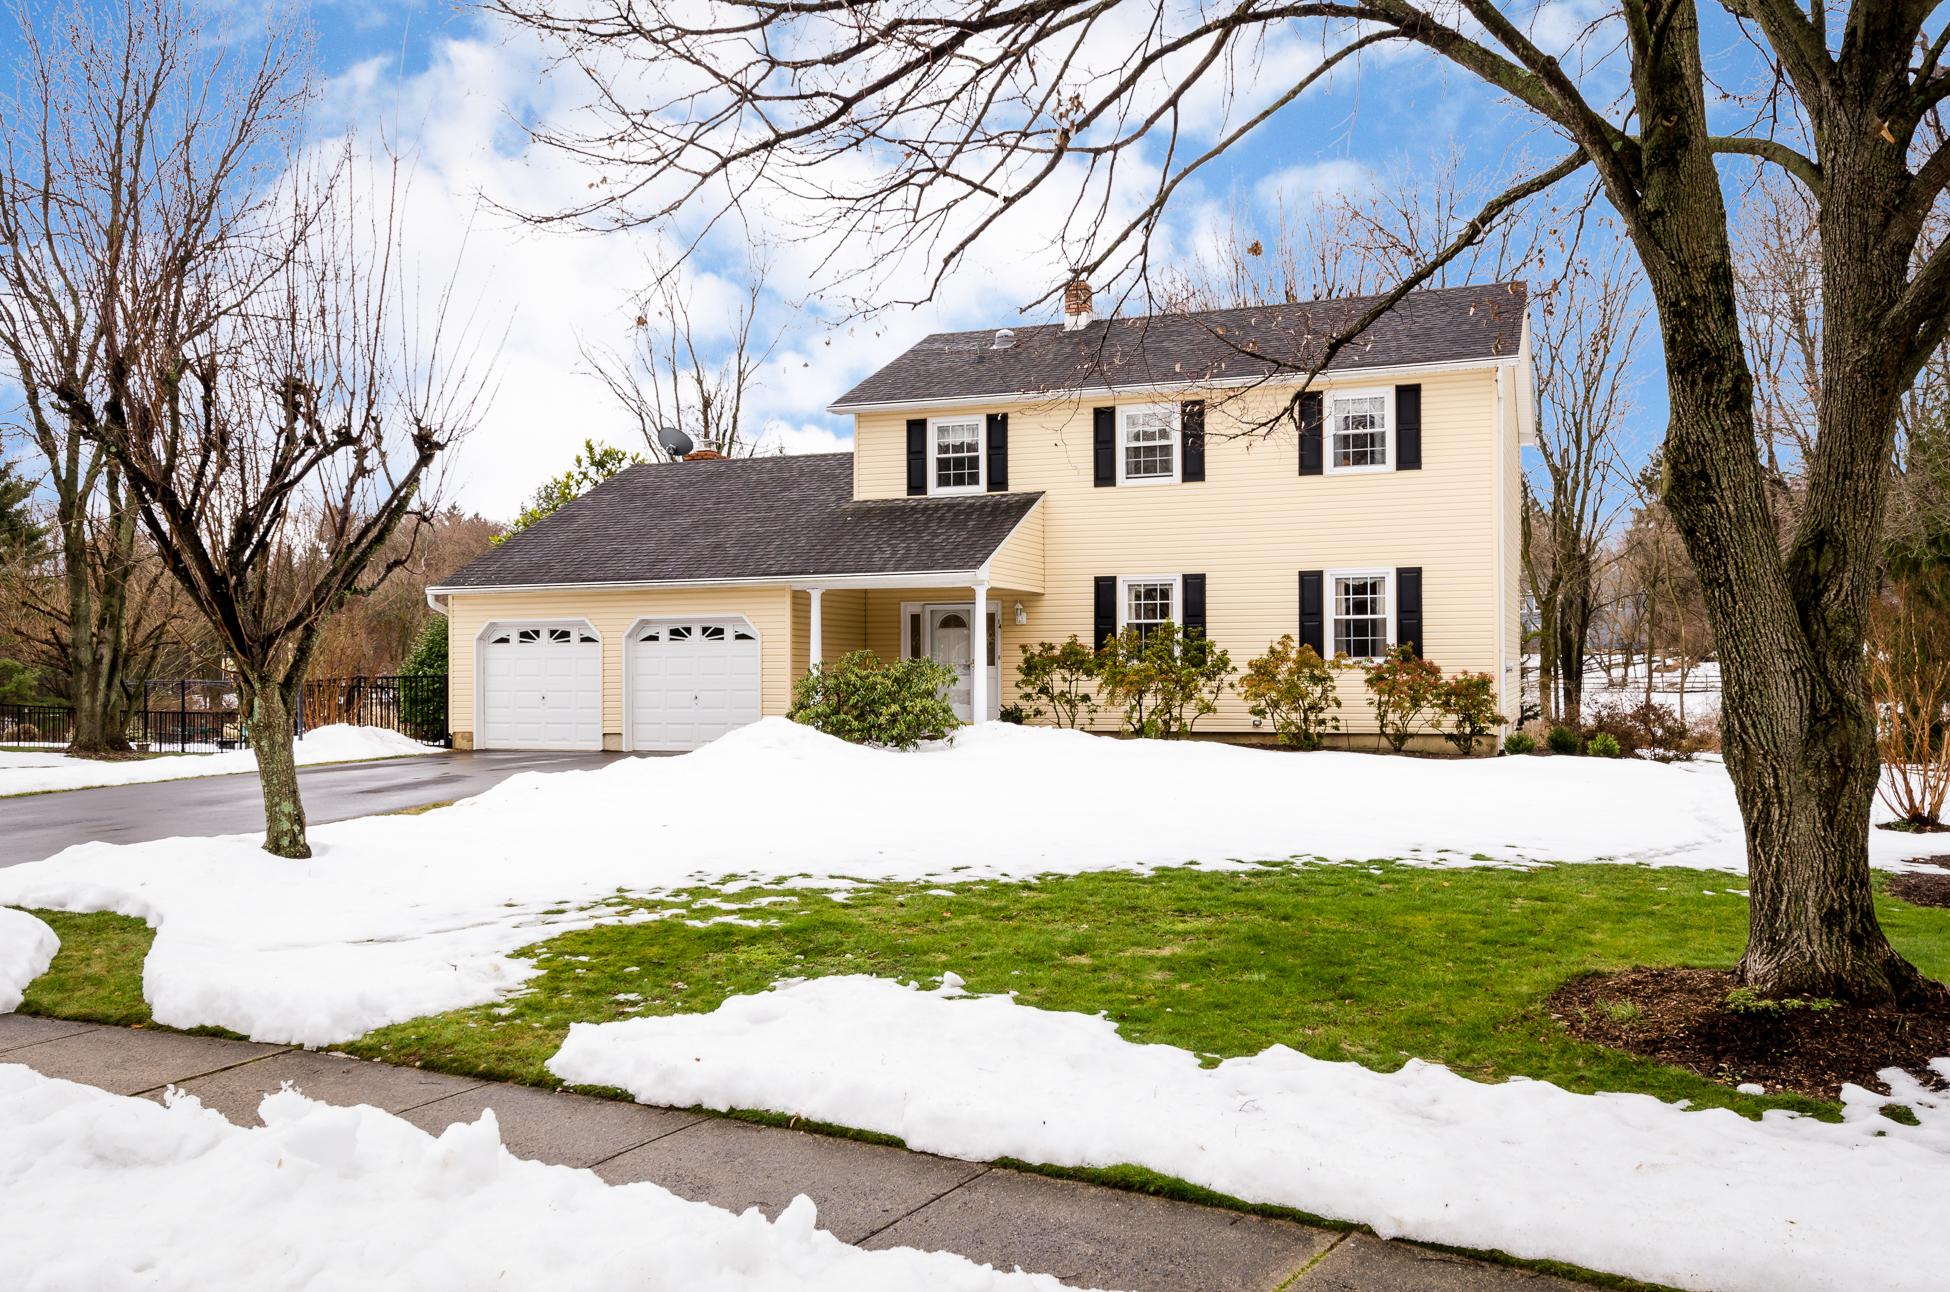 Villa per Vendita alle ore A Commuter's Dream in Pretty Kingston Acres - South Brunswick Township 14 Fairfield Road Princeton, New Jersey 08540 Stati Uniti